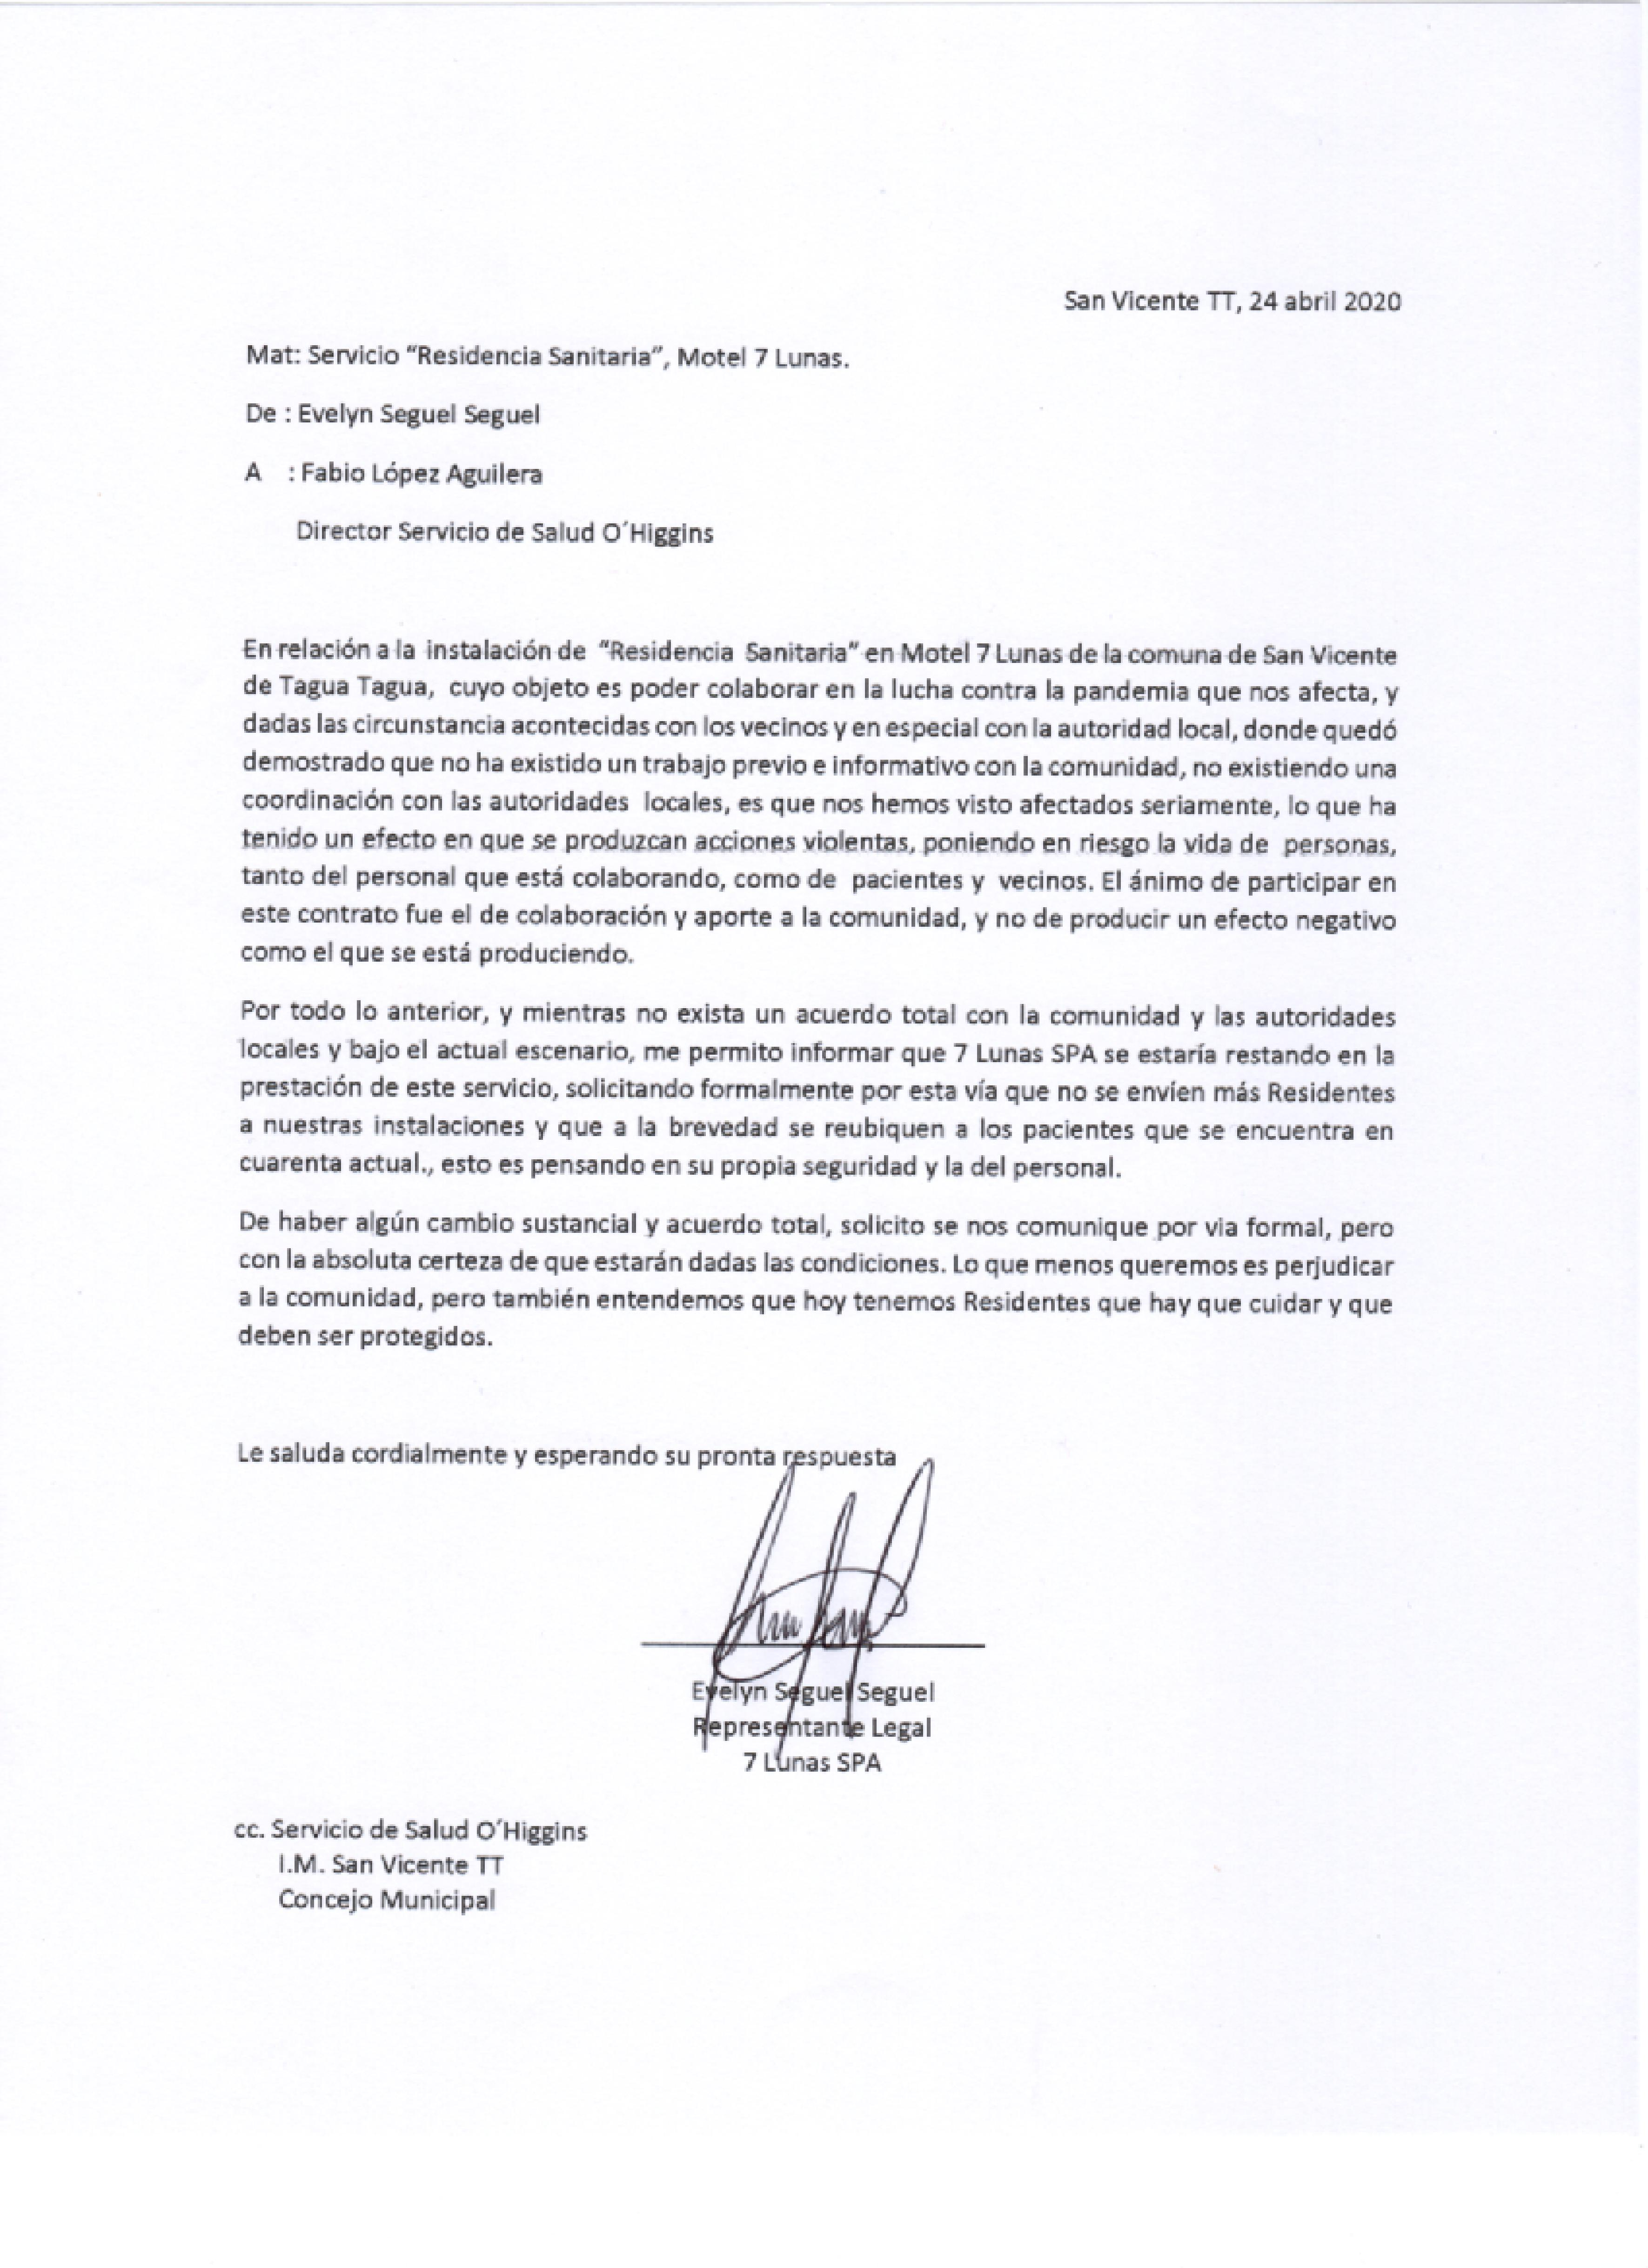 MOTEL 7 LUNAS DE REQUEGUA ENVÍA CARTA A LA DIRECCIÓN DE SALUD O'HIGGINS INFORMANDO QUE SE RESTAN DE PRESTAR EL SERVICIO DE RESIDENCIA SANITARIA EN SUS DEPENDENCIAS